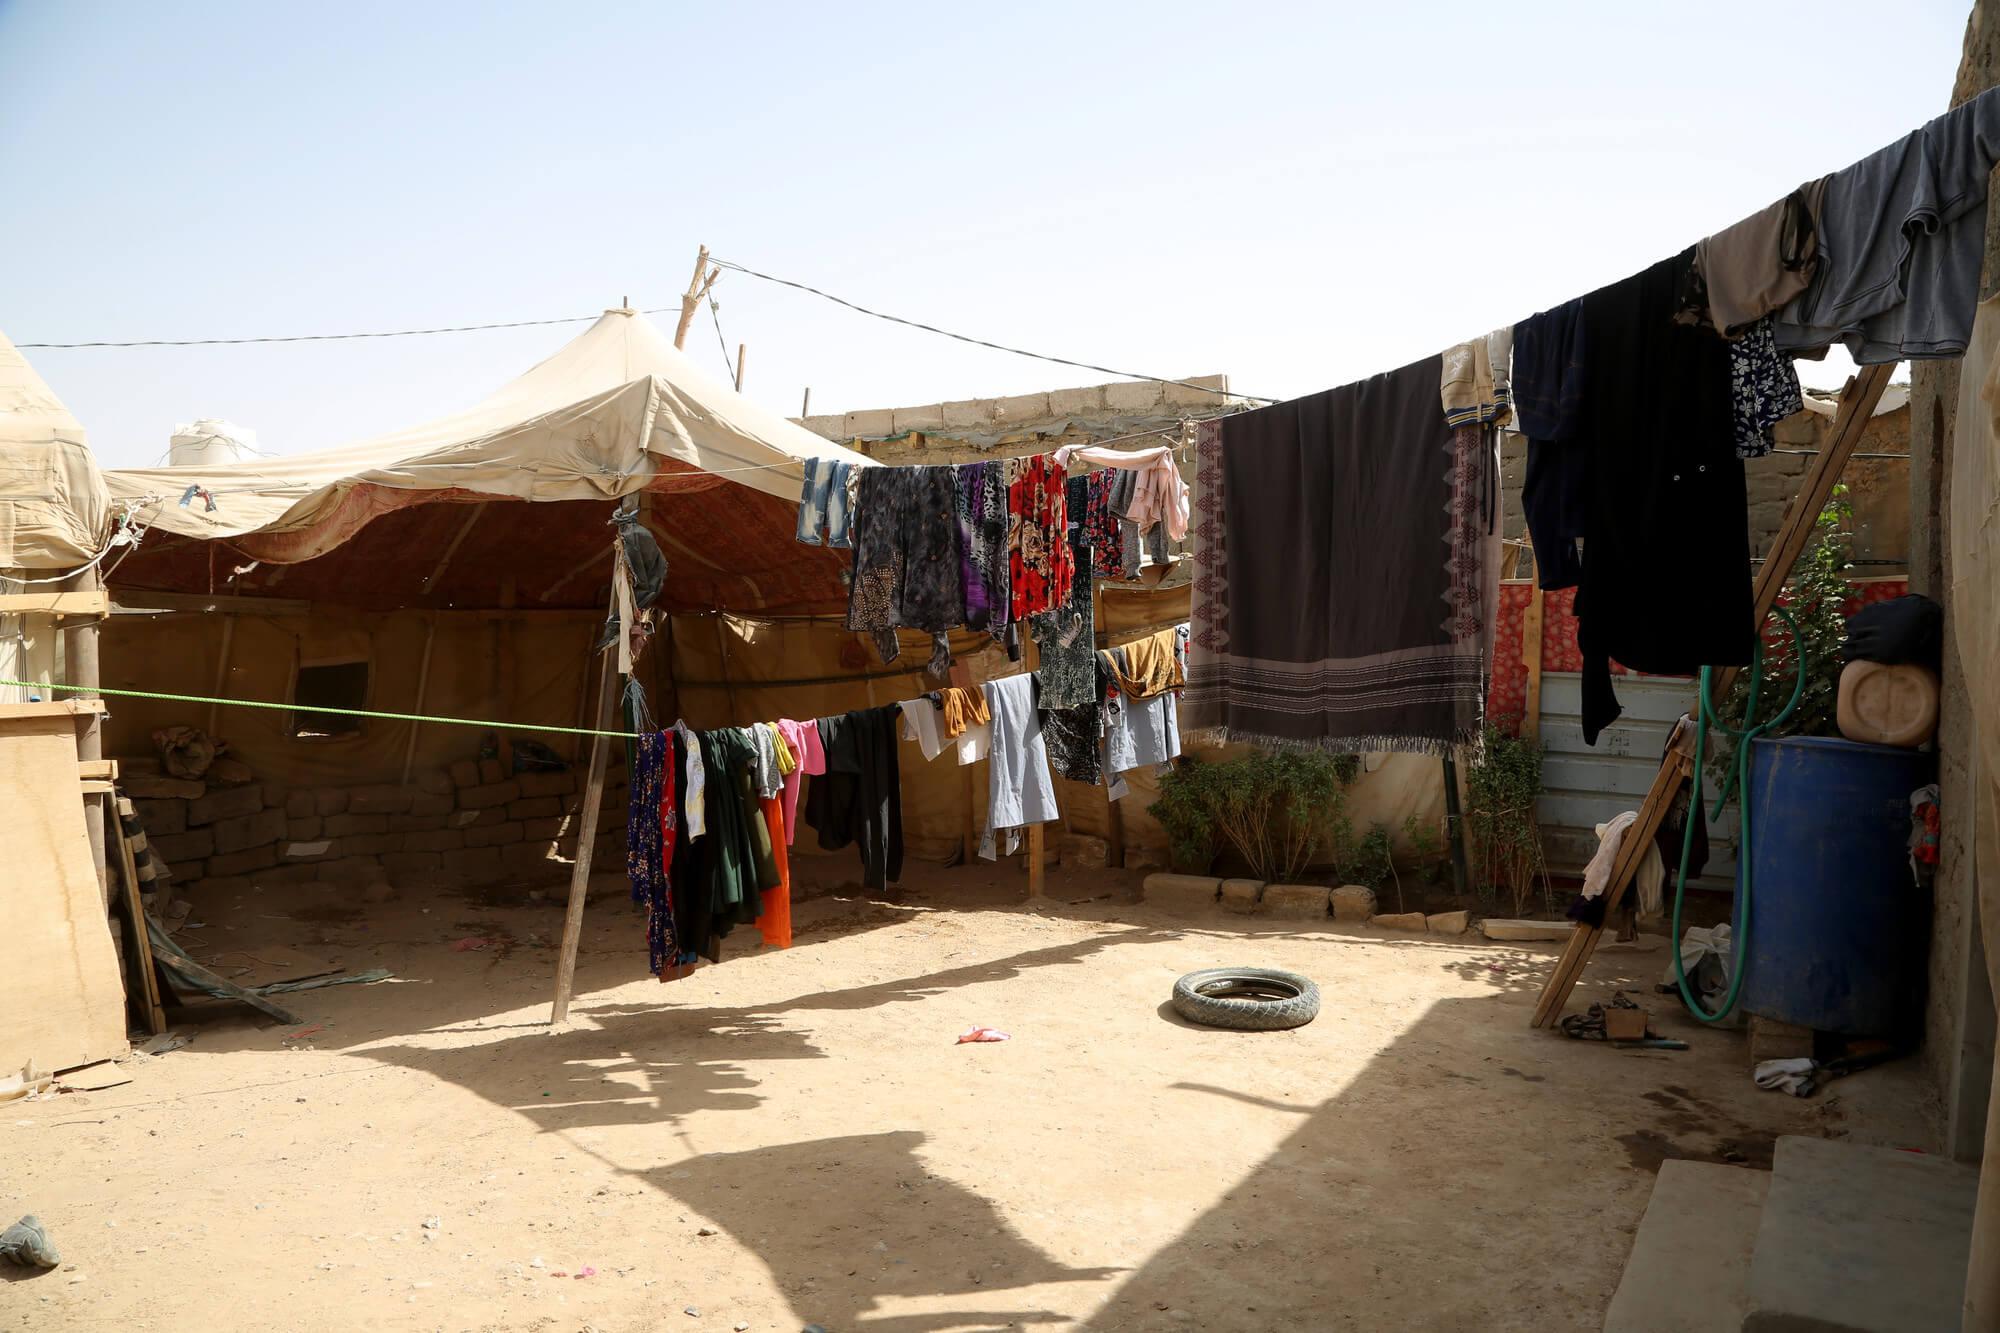 CARE je hluboce znepokojena prvním případem nemoci COVID-19 v Sýrii